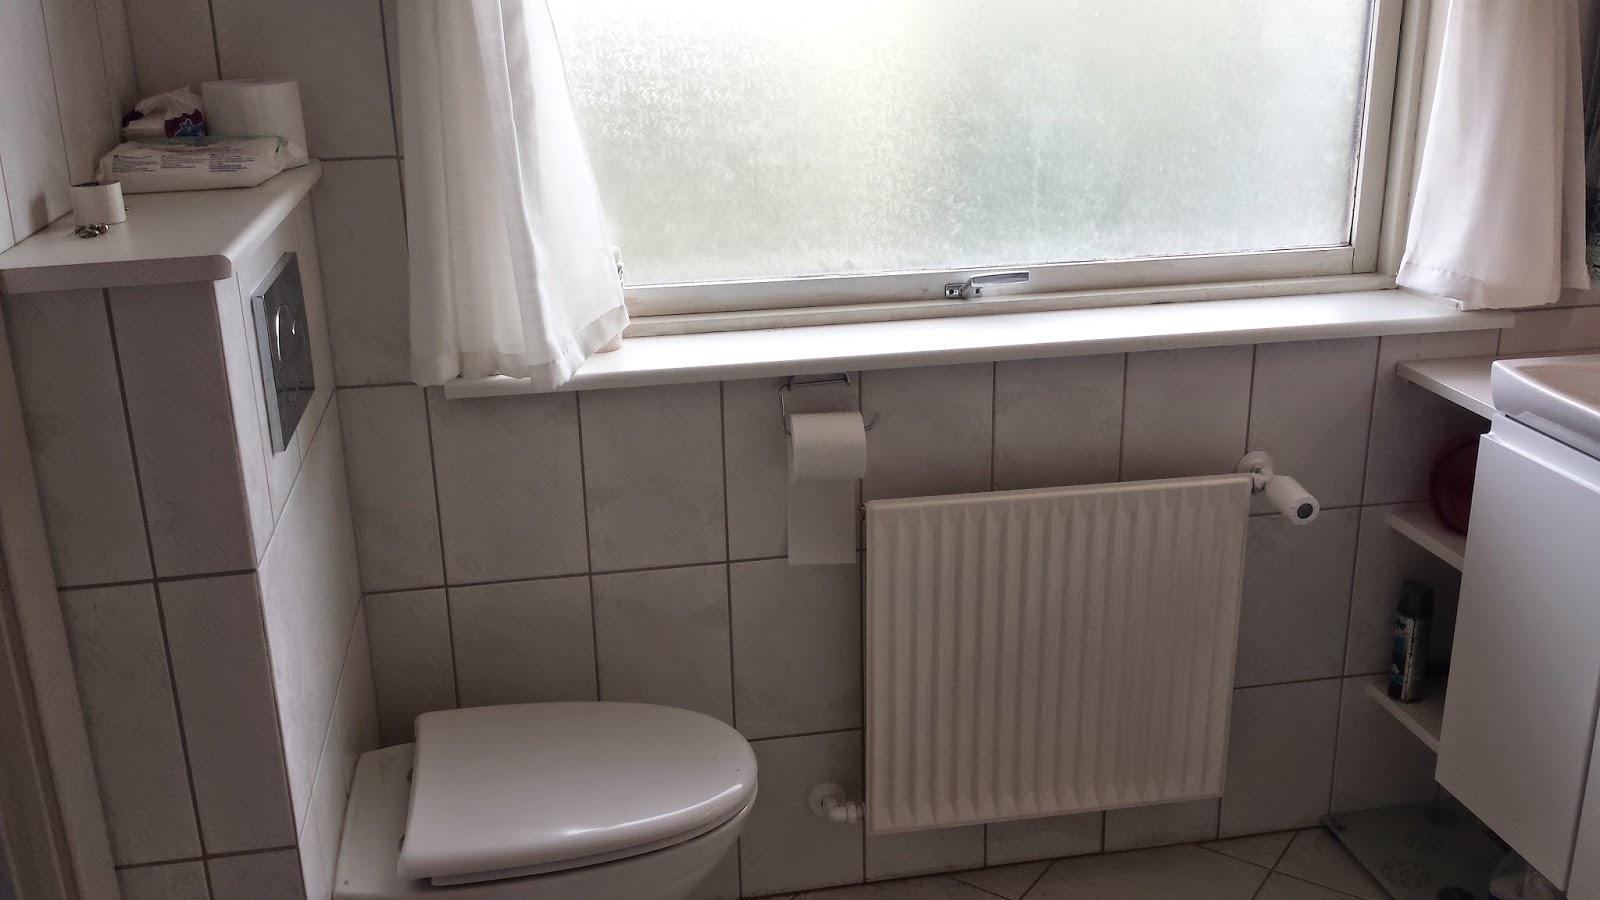 Renovering af badeværelse med fokus på energibesparelser: august 2014